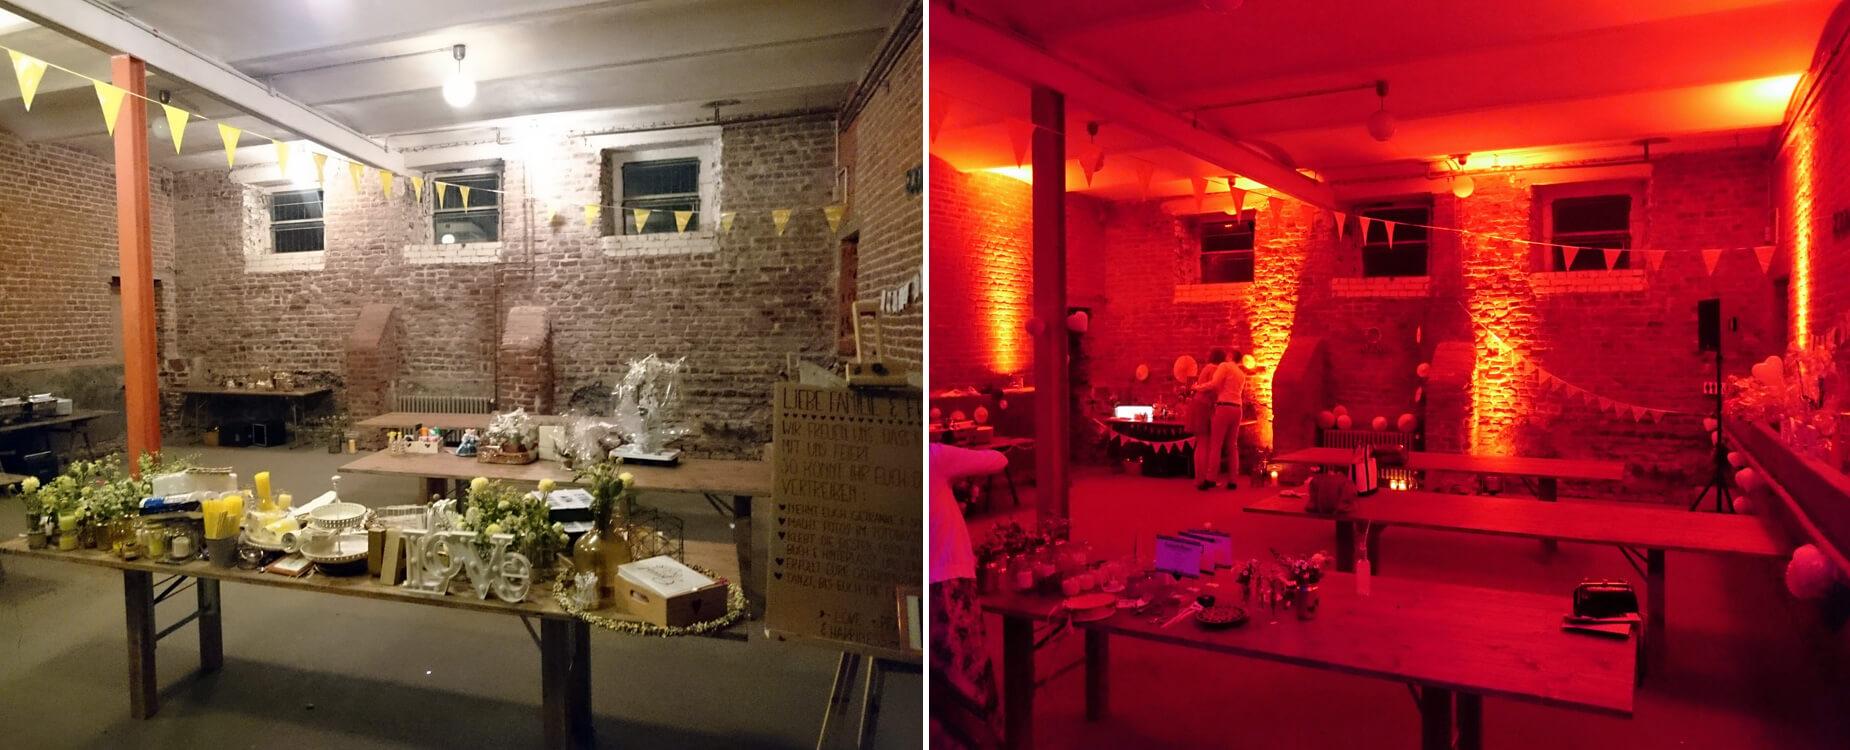 Düsseldorf-Hochzeits-DJ-Schloss-Meierhof-LED-Beleuchtung